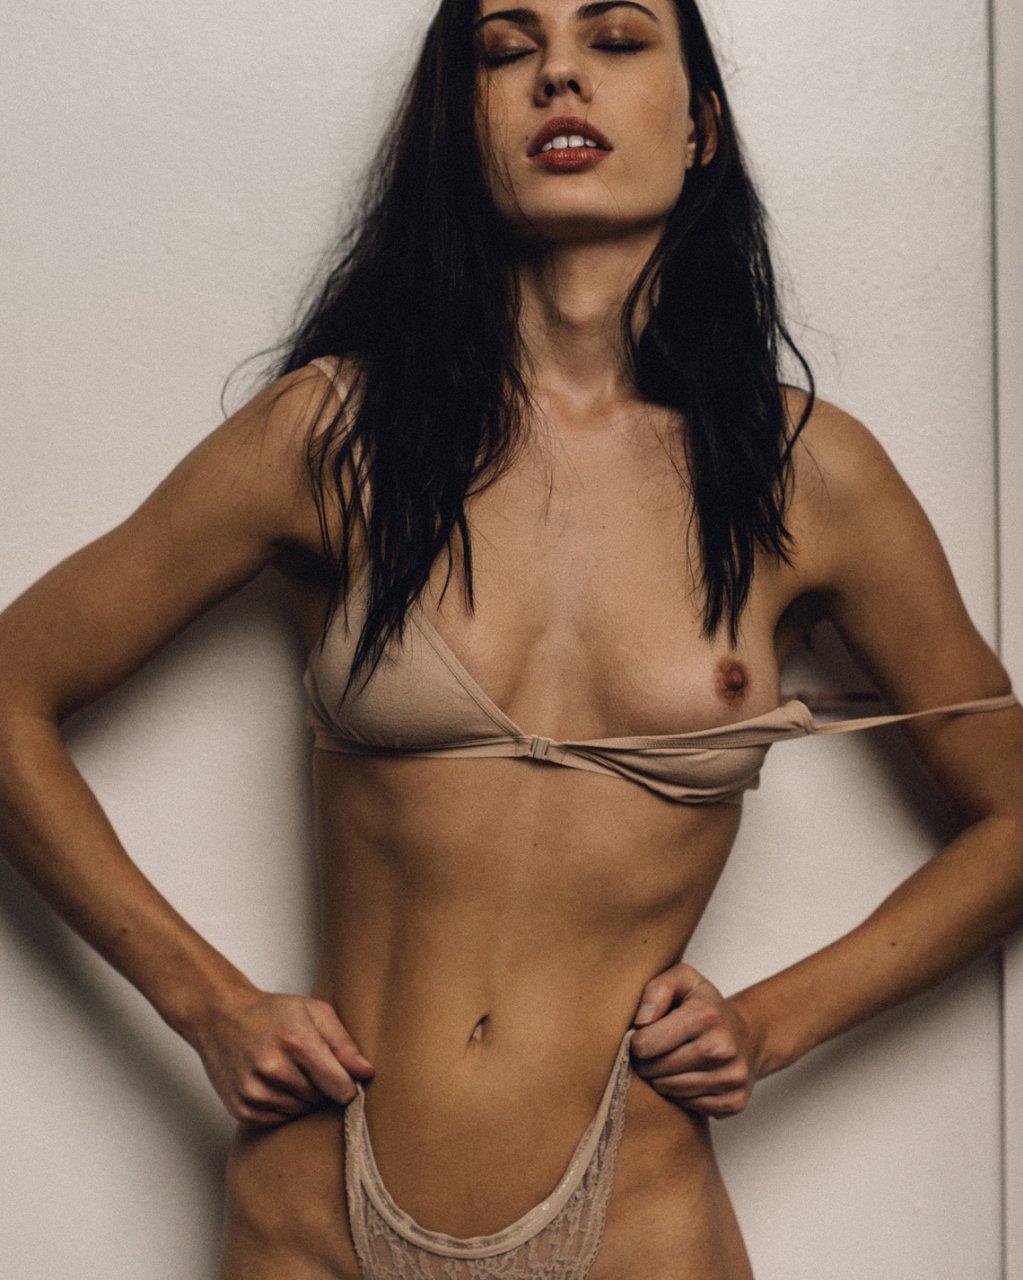 olivia-bridget-nude-sneak-peak-videos-of-girls